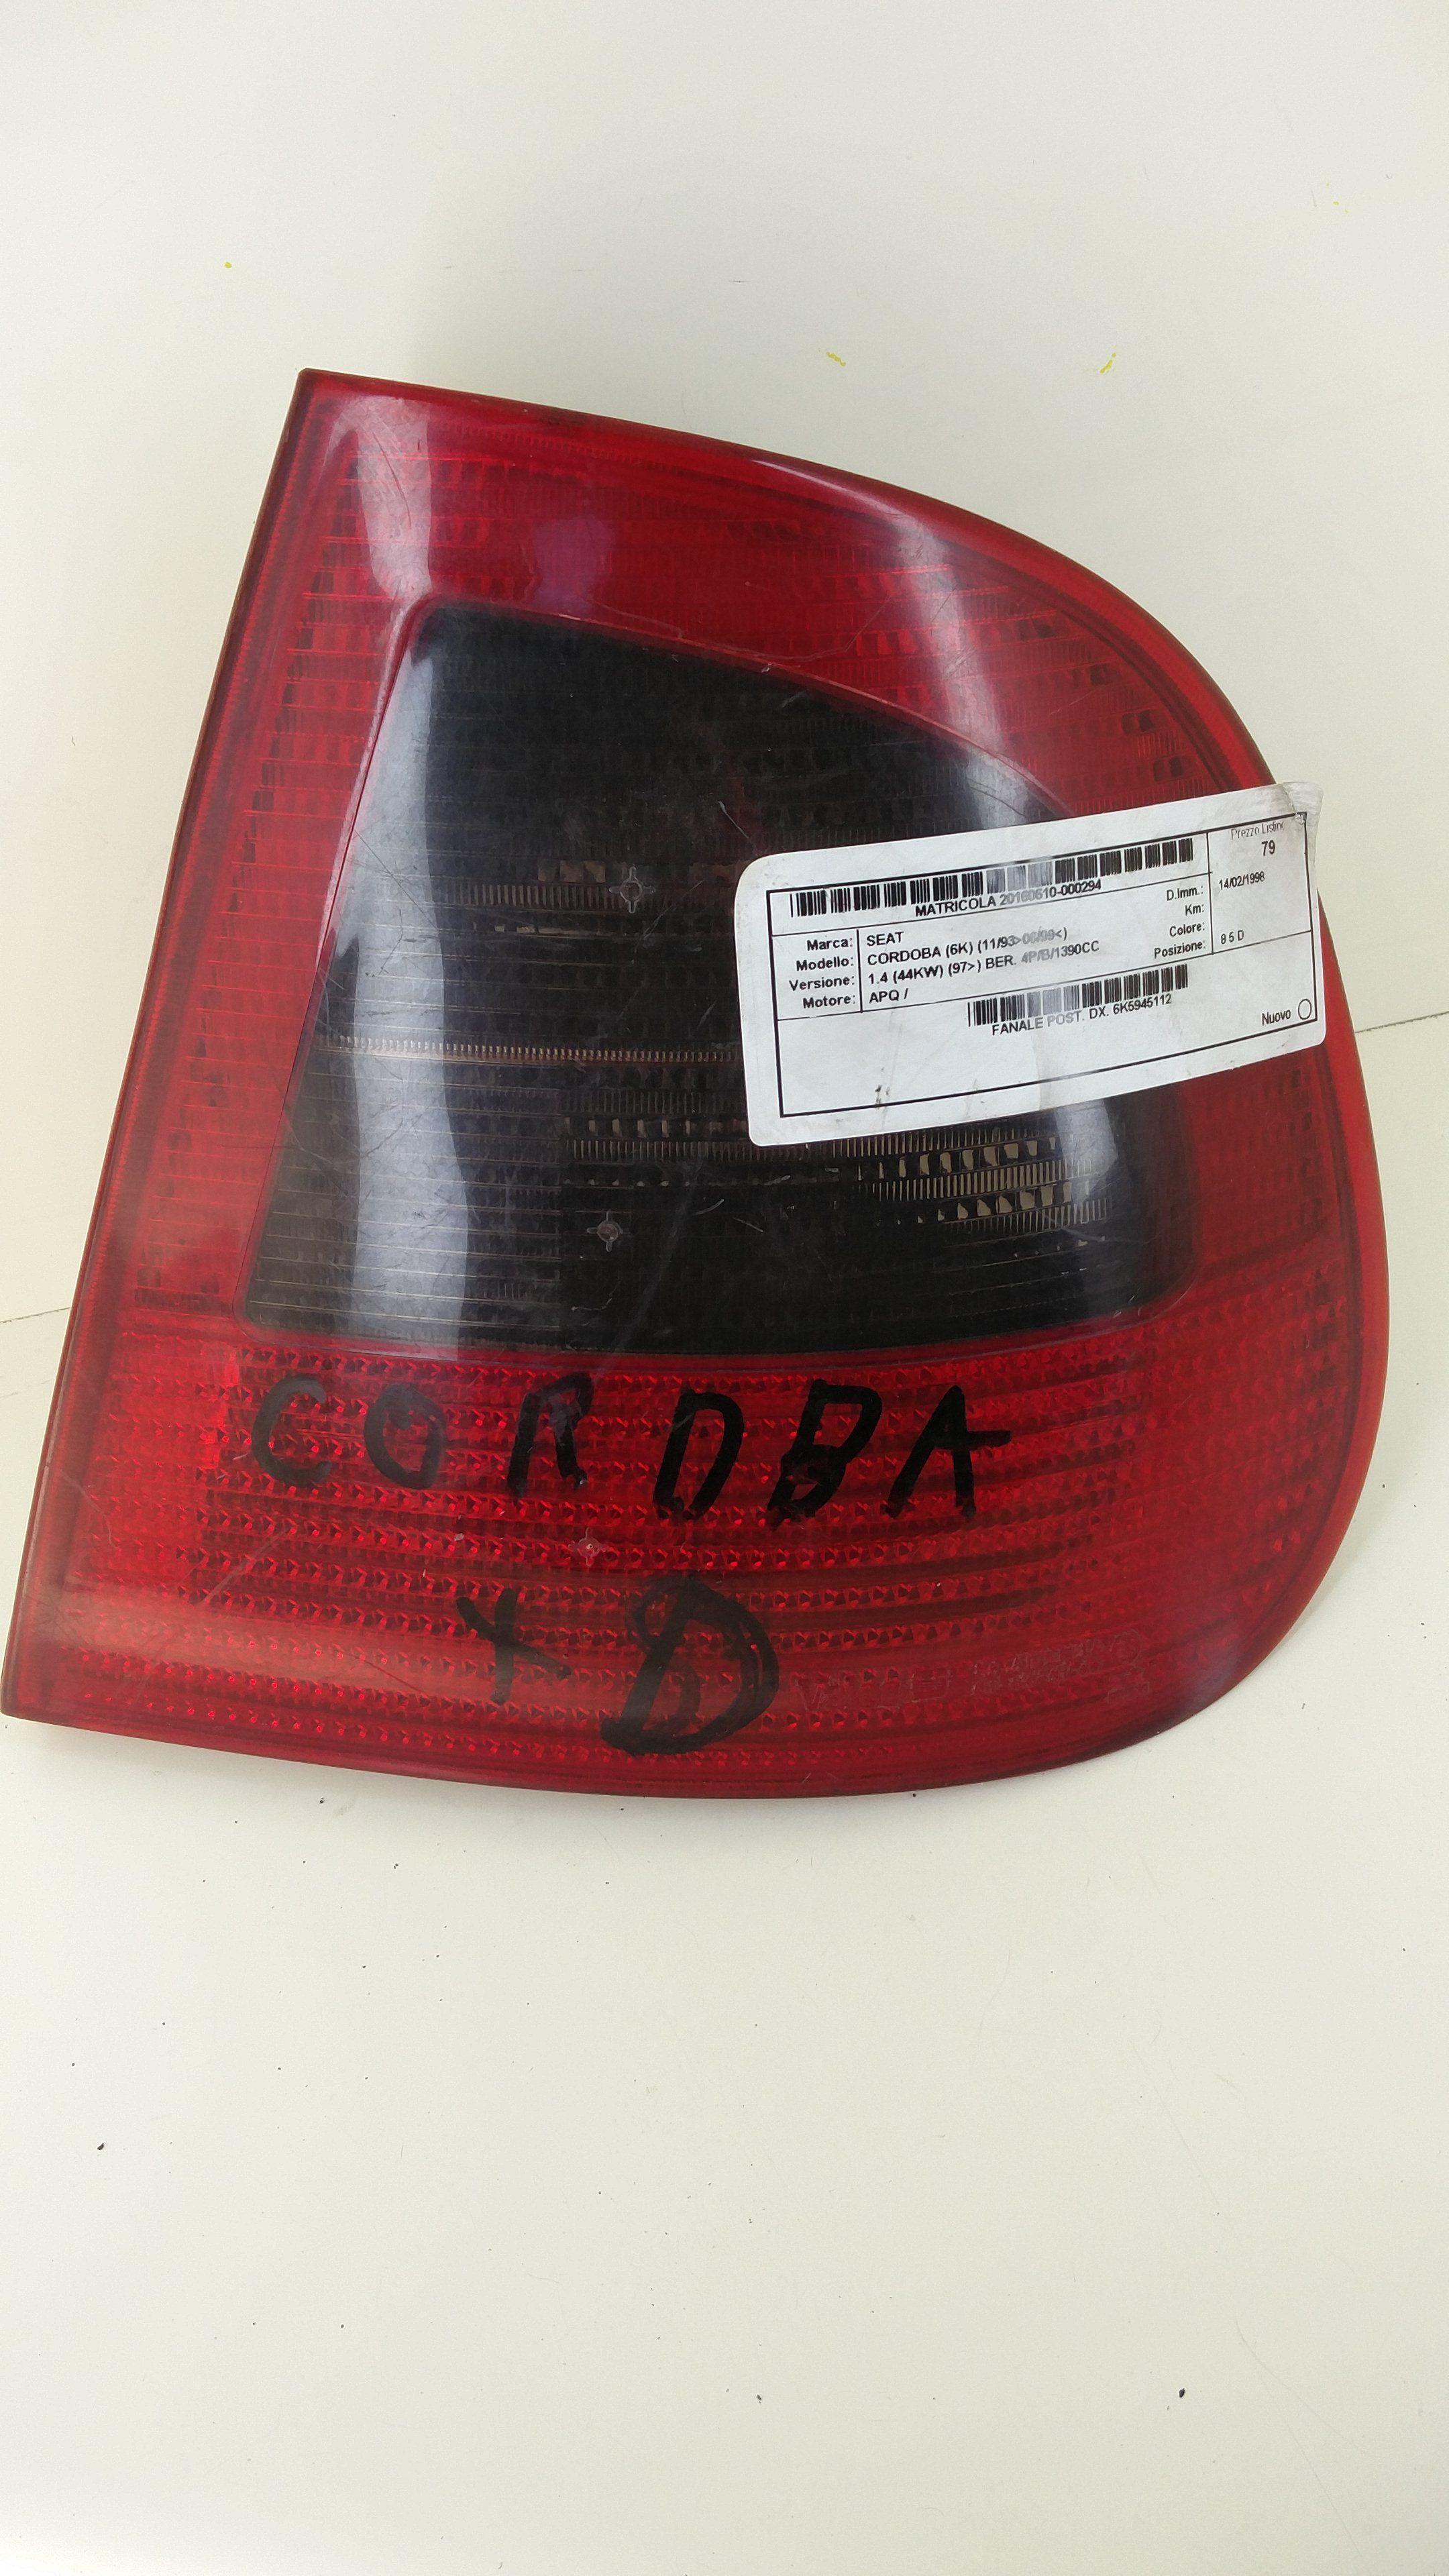 STOP FANALE POSTERIORE DESTRO PASSEGGERO SEAT Cordoba Berlina 1° Serie 1400 Benzina  (1996) RICAMBI USATI